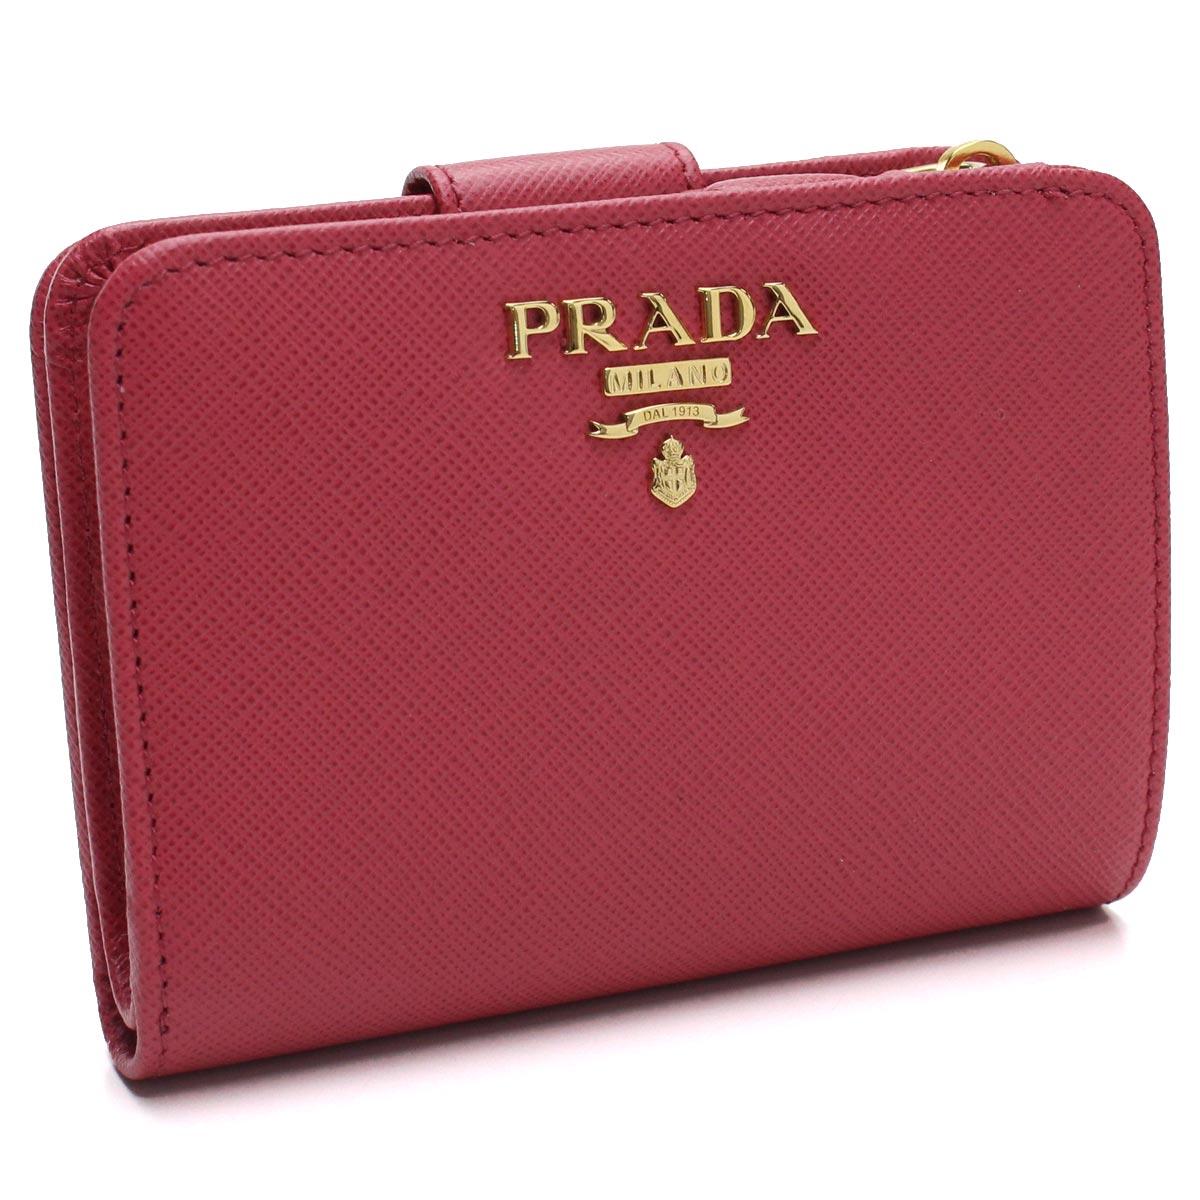 プラダ PRADA サフィアーノメタル コンパクト 2つ折り財布 1ML018 QWA F0505 PEONIA ピンク系 レディース